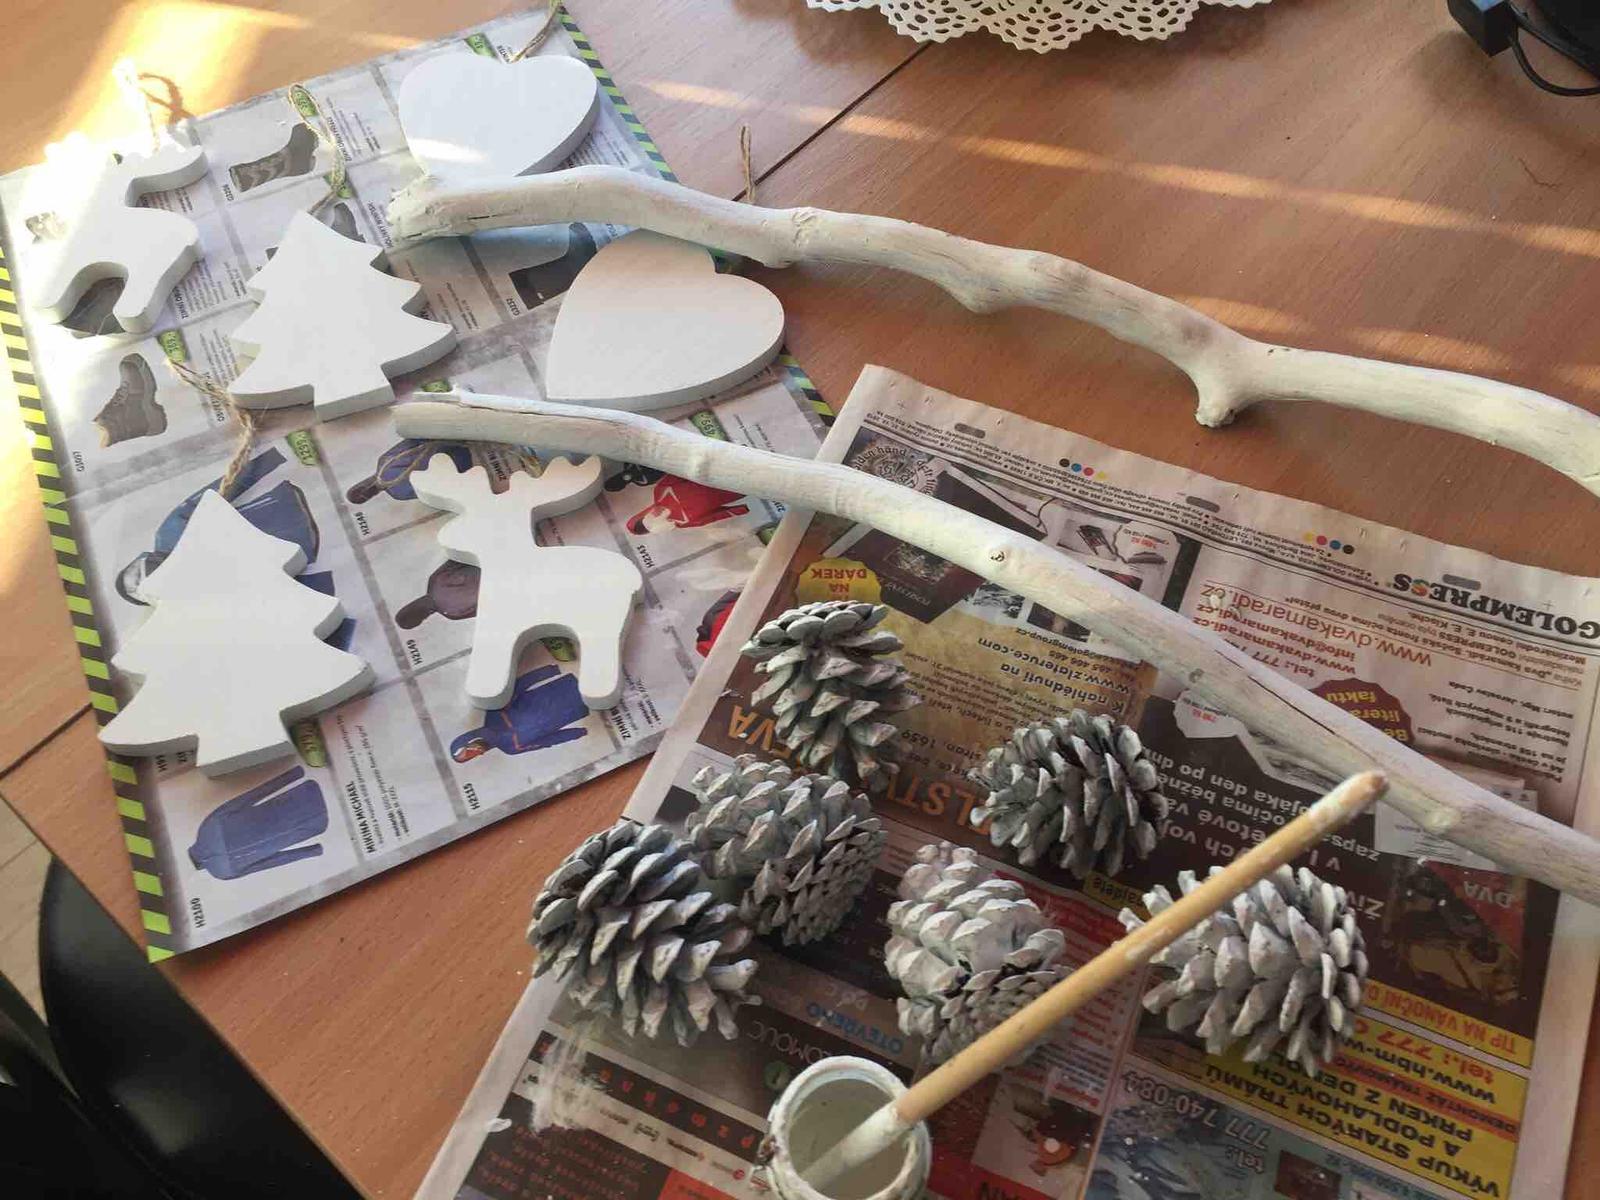 Miluji tvořit - Dřevěné ozdoby jsem natřela na bílo, už jen provazkem vše zavěsím na klacíky a bude hotovo 👍